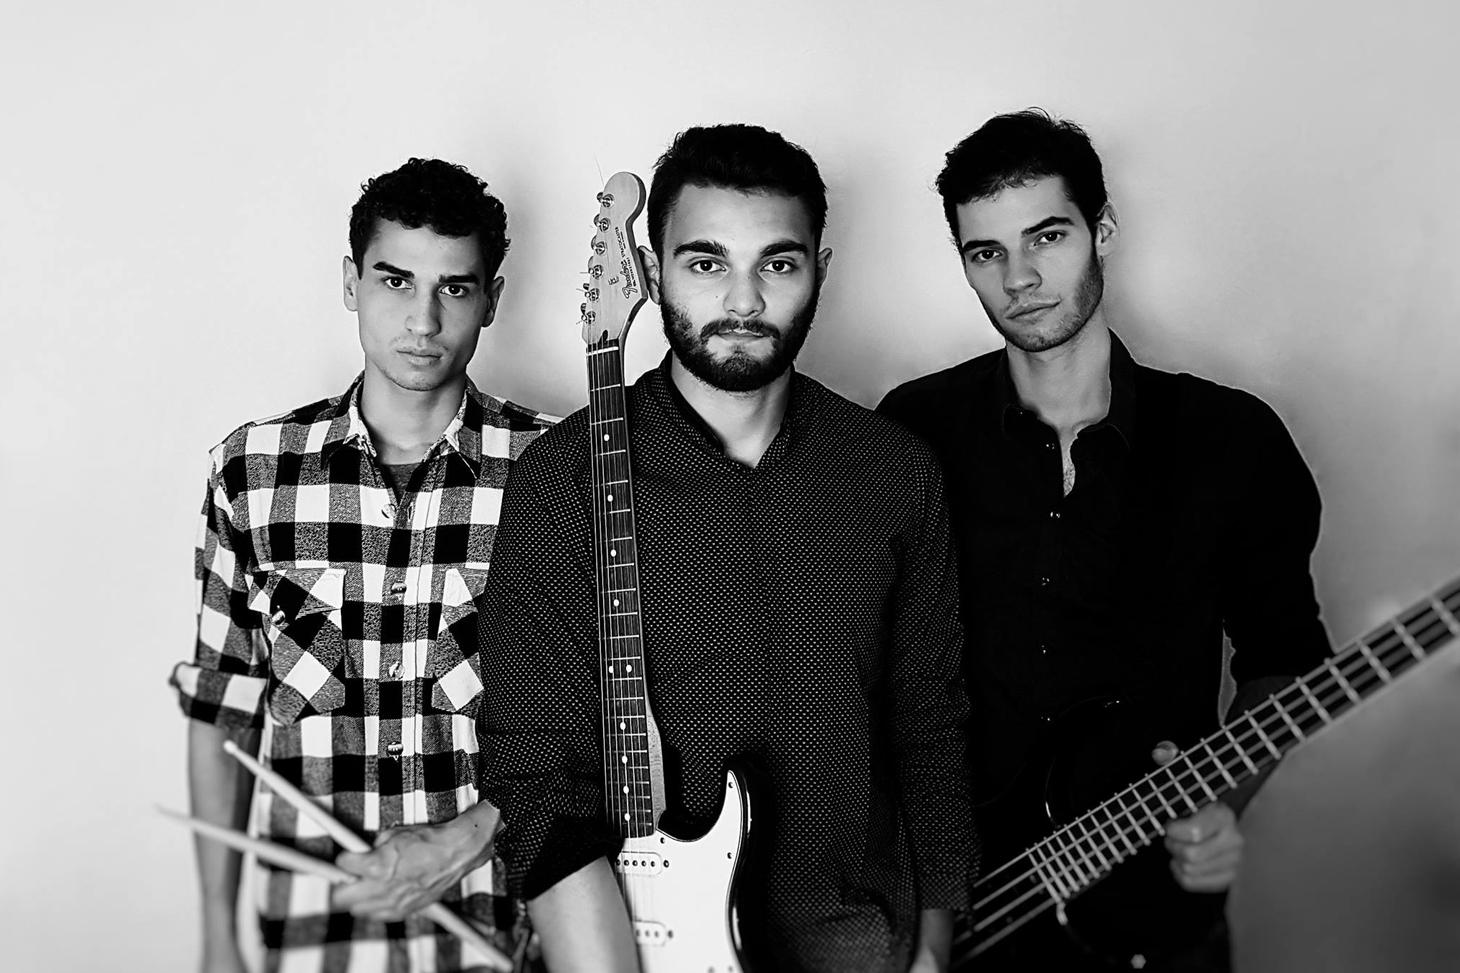 Le groupe de musique actuelle Parallax